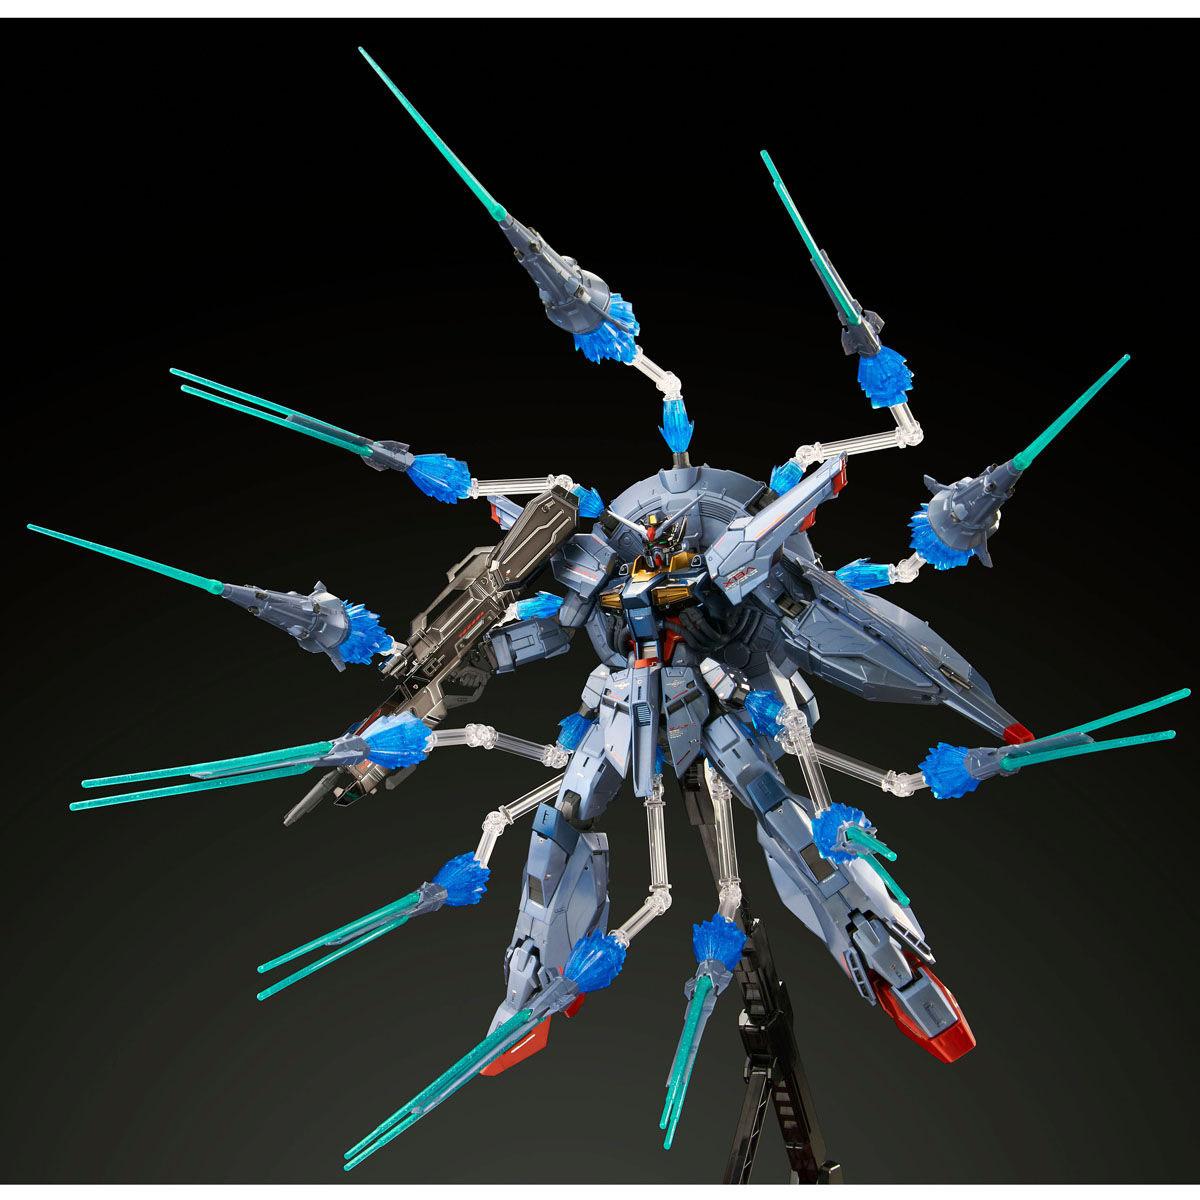 【再販】MG 1/100『プロヴィデンスガンダム《スペシャルコーティング》 機動戦士ガンダムSEED』プラモデル-008